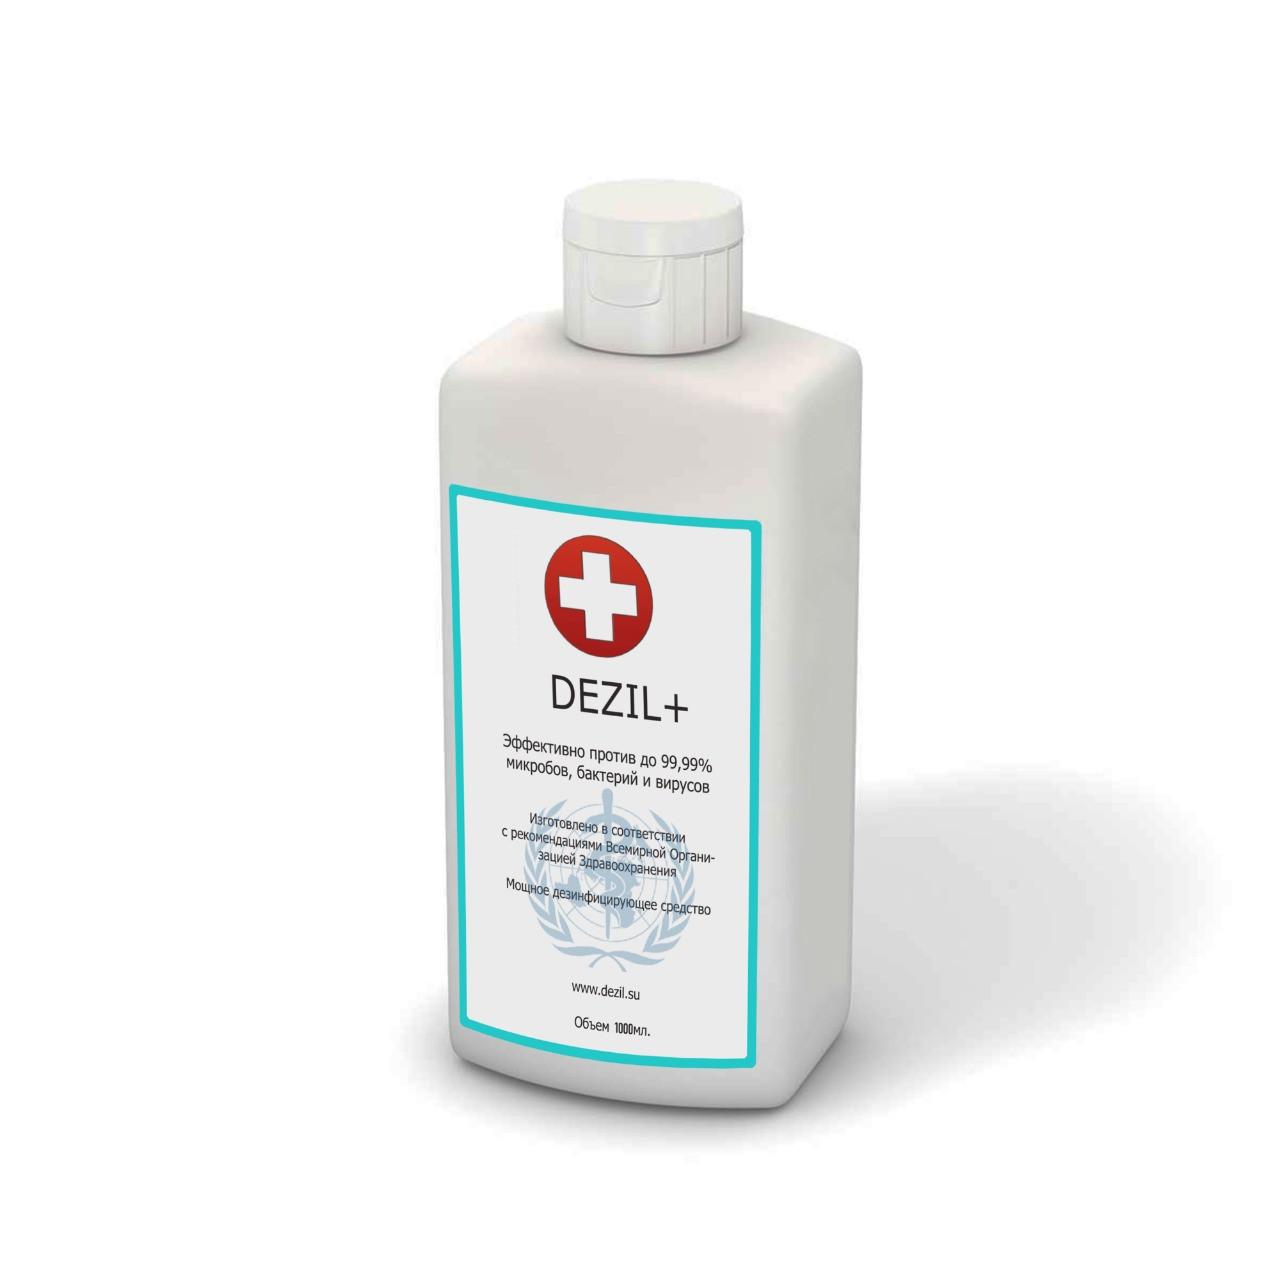 Средство дезинфицирующее Dezil + 1 литр для антисептической обработки рук и поверхностей